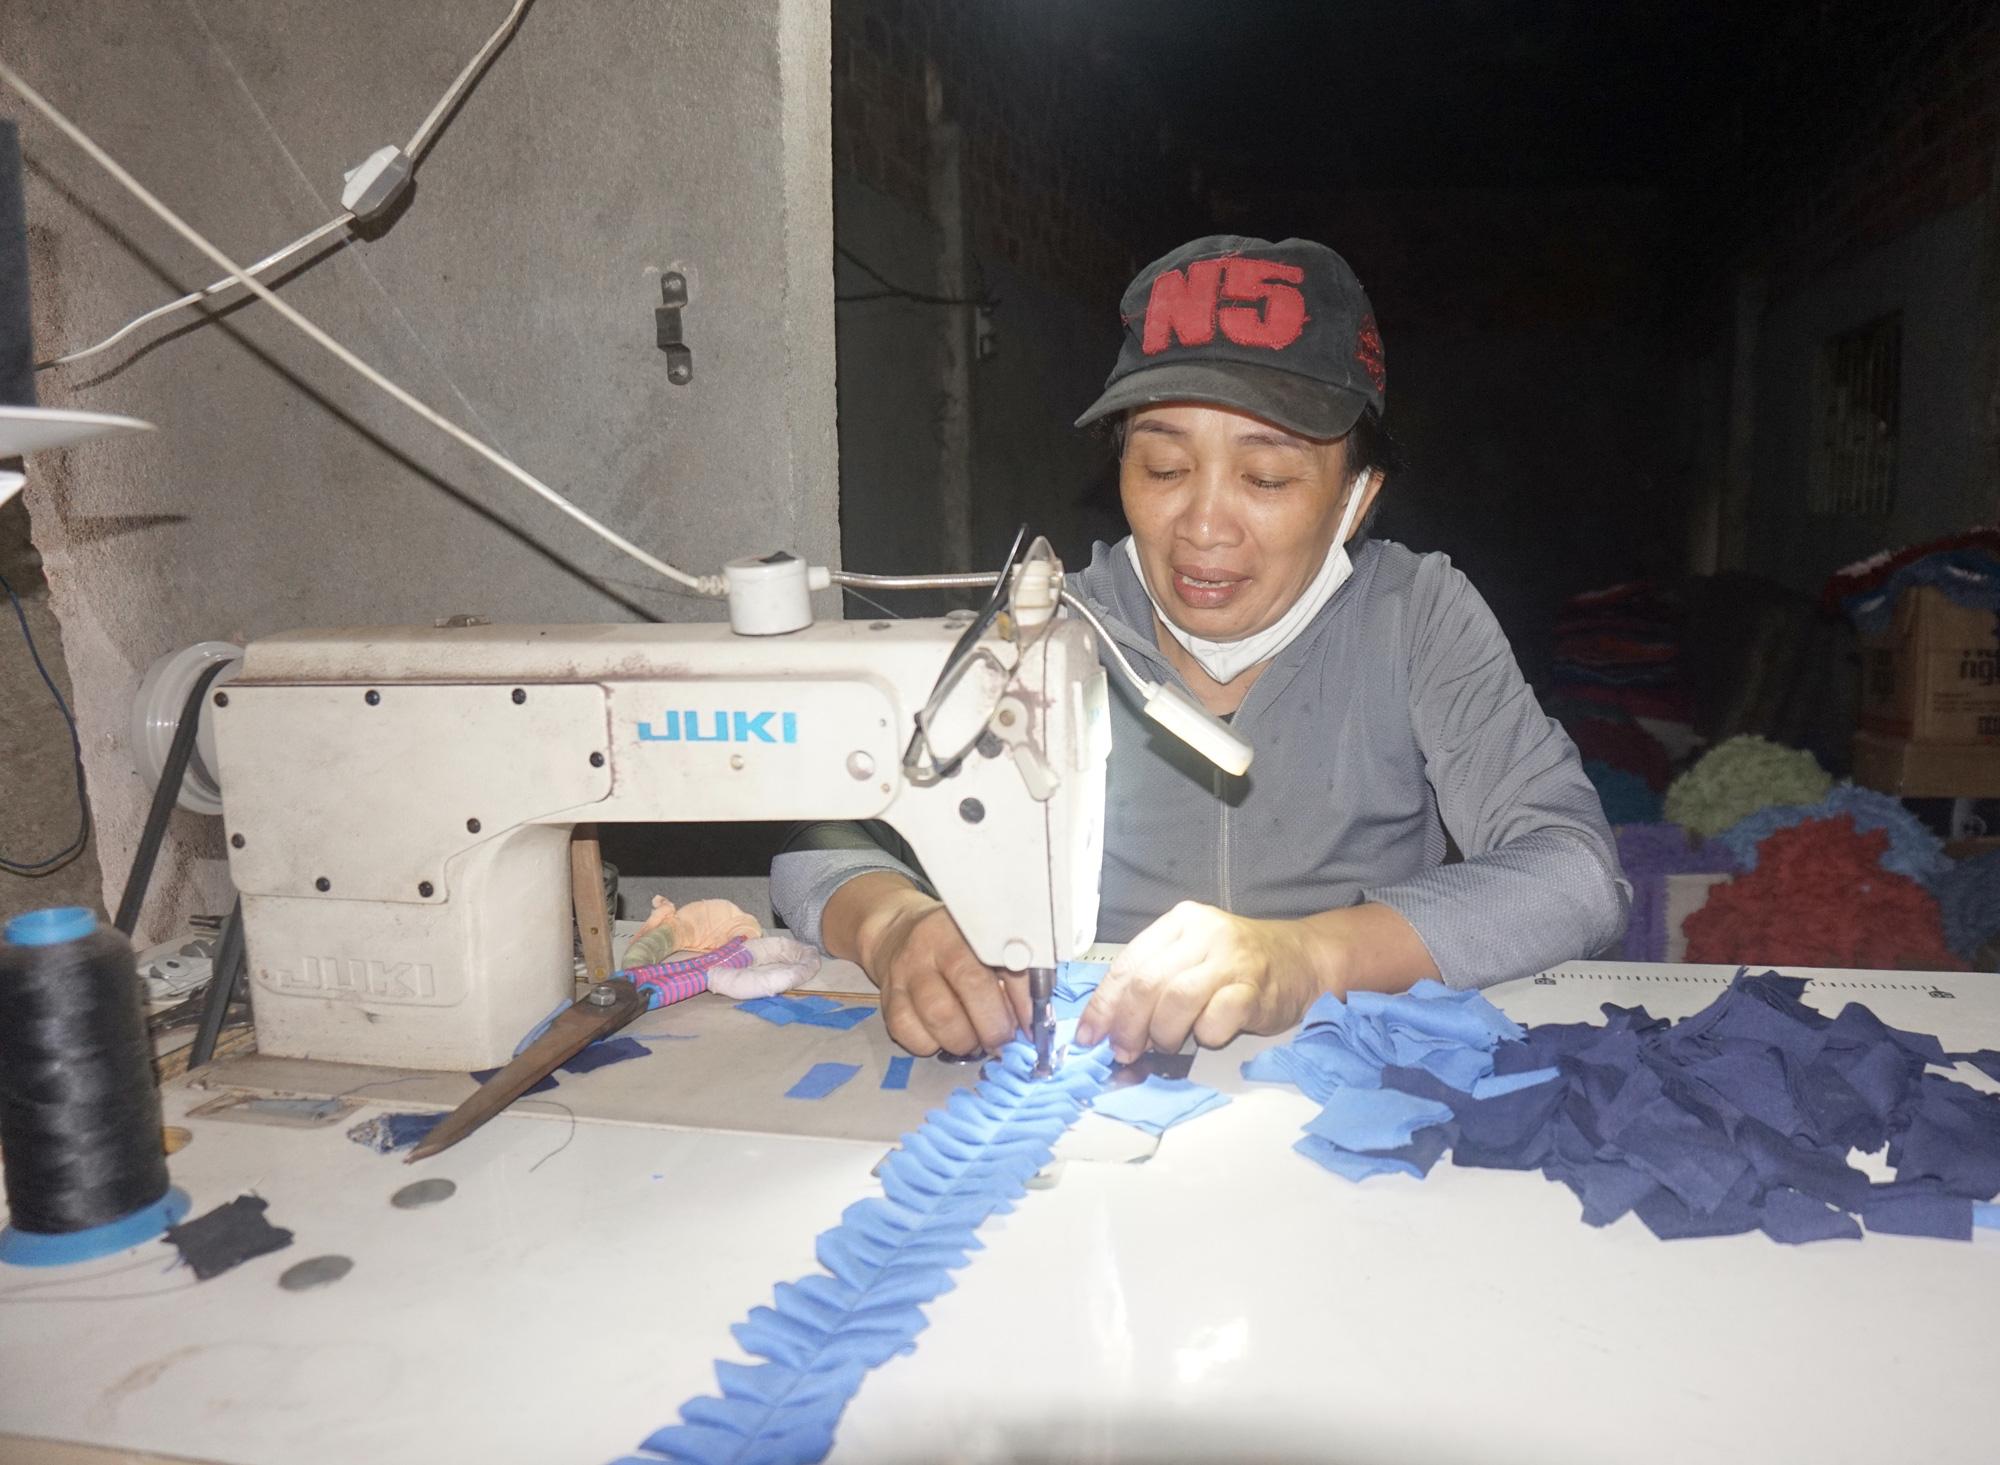 Đà Nẵng: Khởi nghiệp từ vải vụn, phụ nữ nghèo đơn thân vươn lên làm giàu - Ảnh 5.